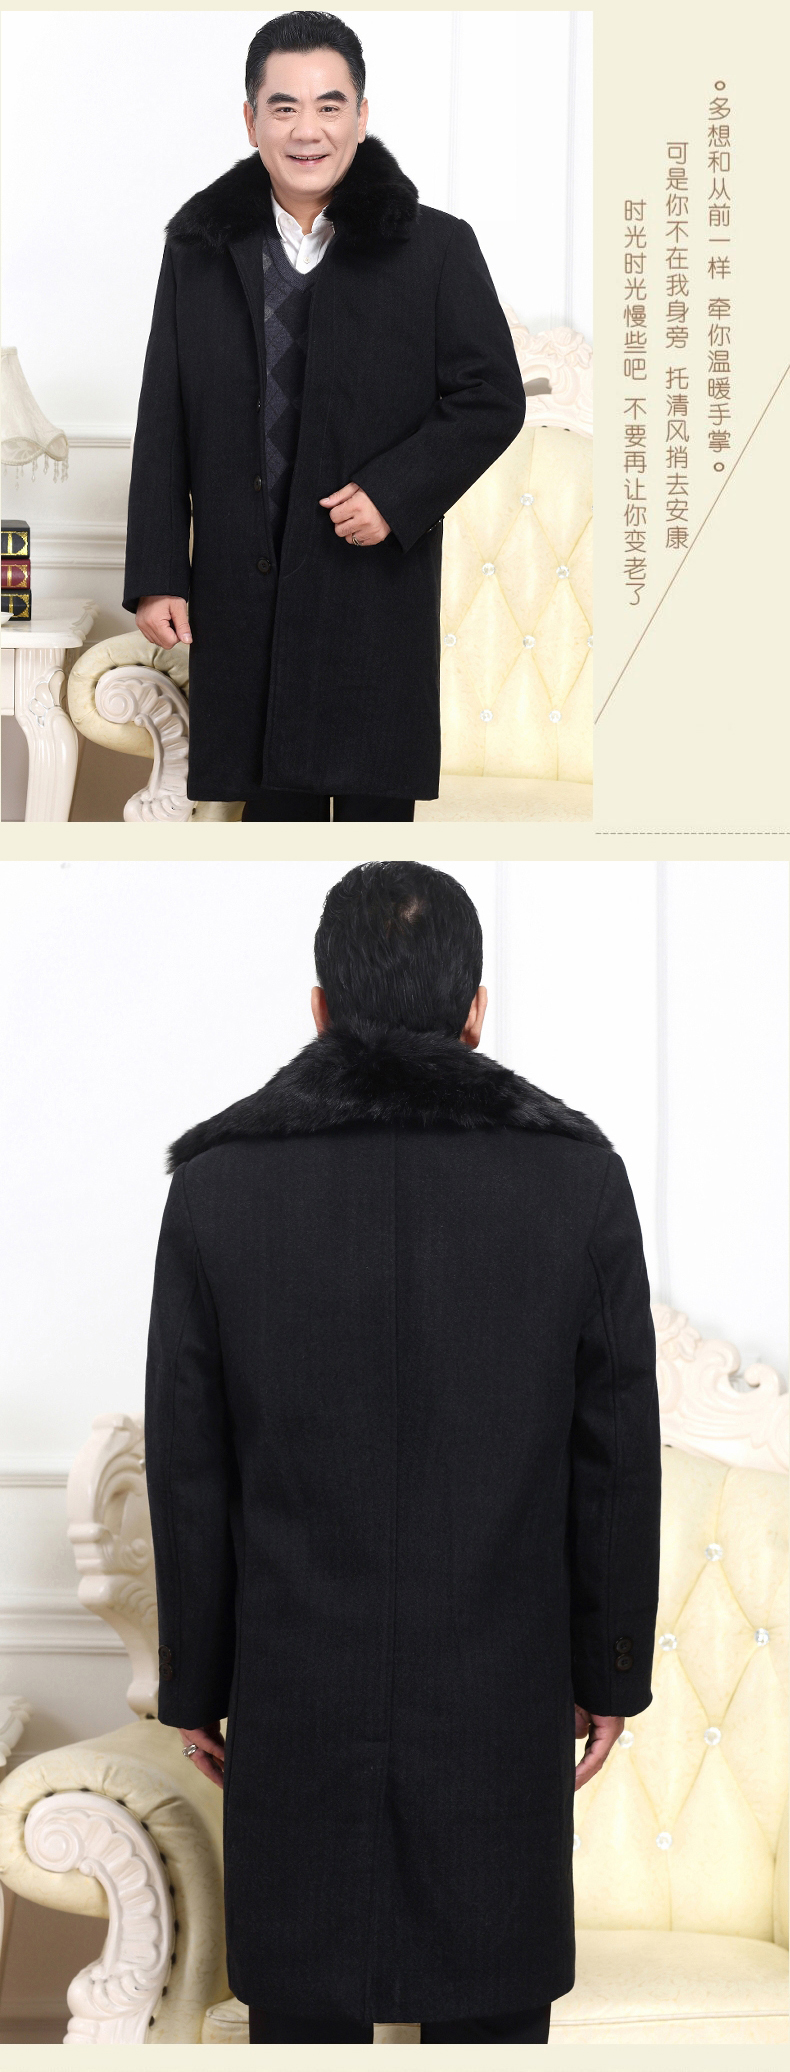 Trung niên và người đàn ông lớn tuổi của áo len dài cộng với nhung dày áo gió cha áo ông già áo khoác mùa đông